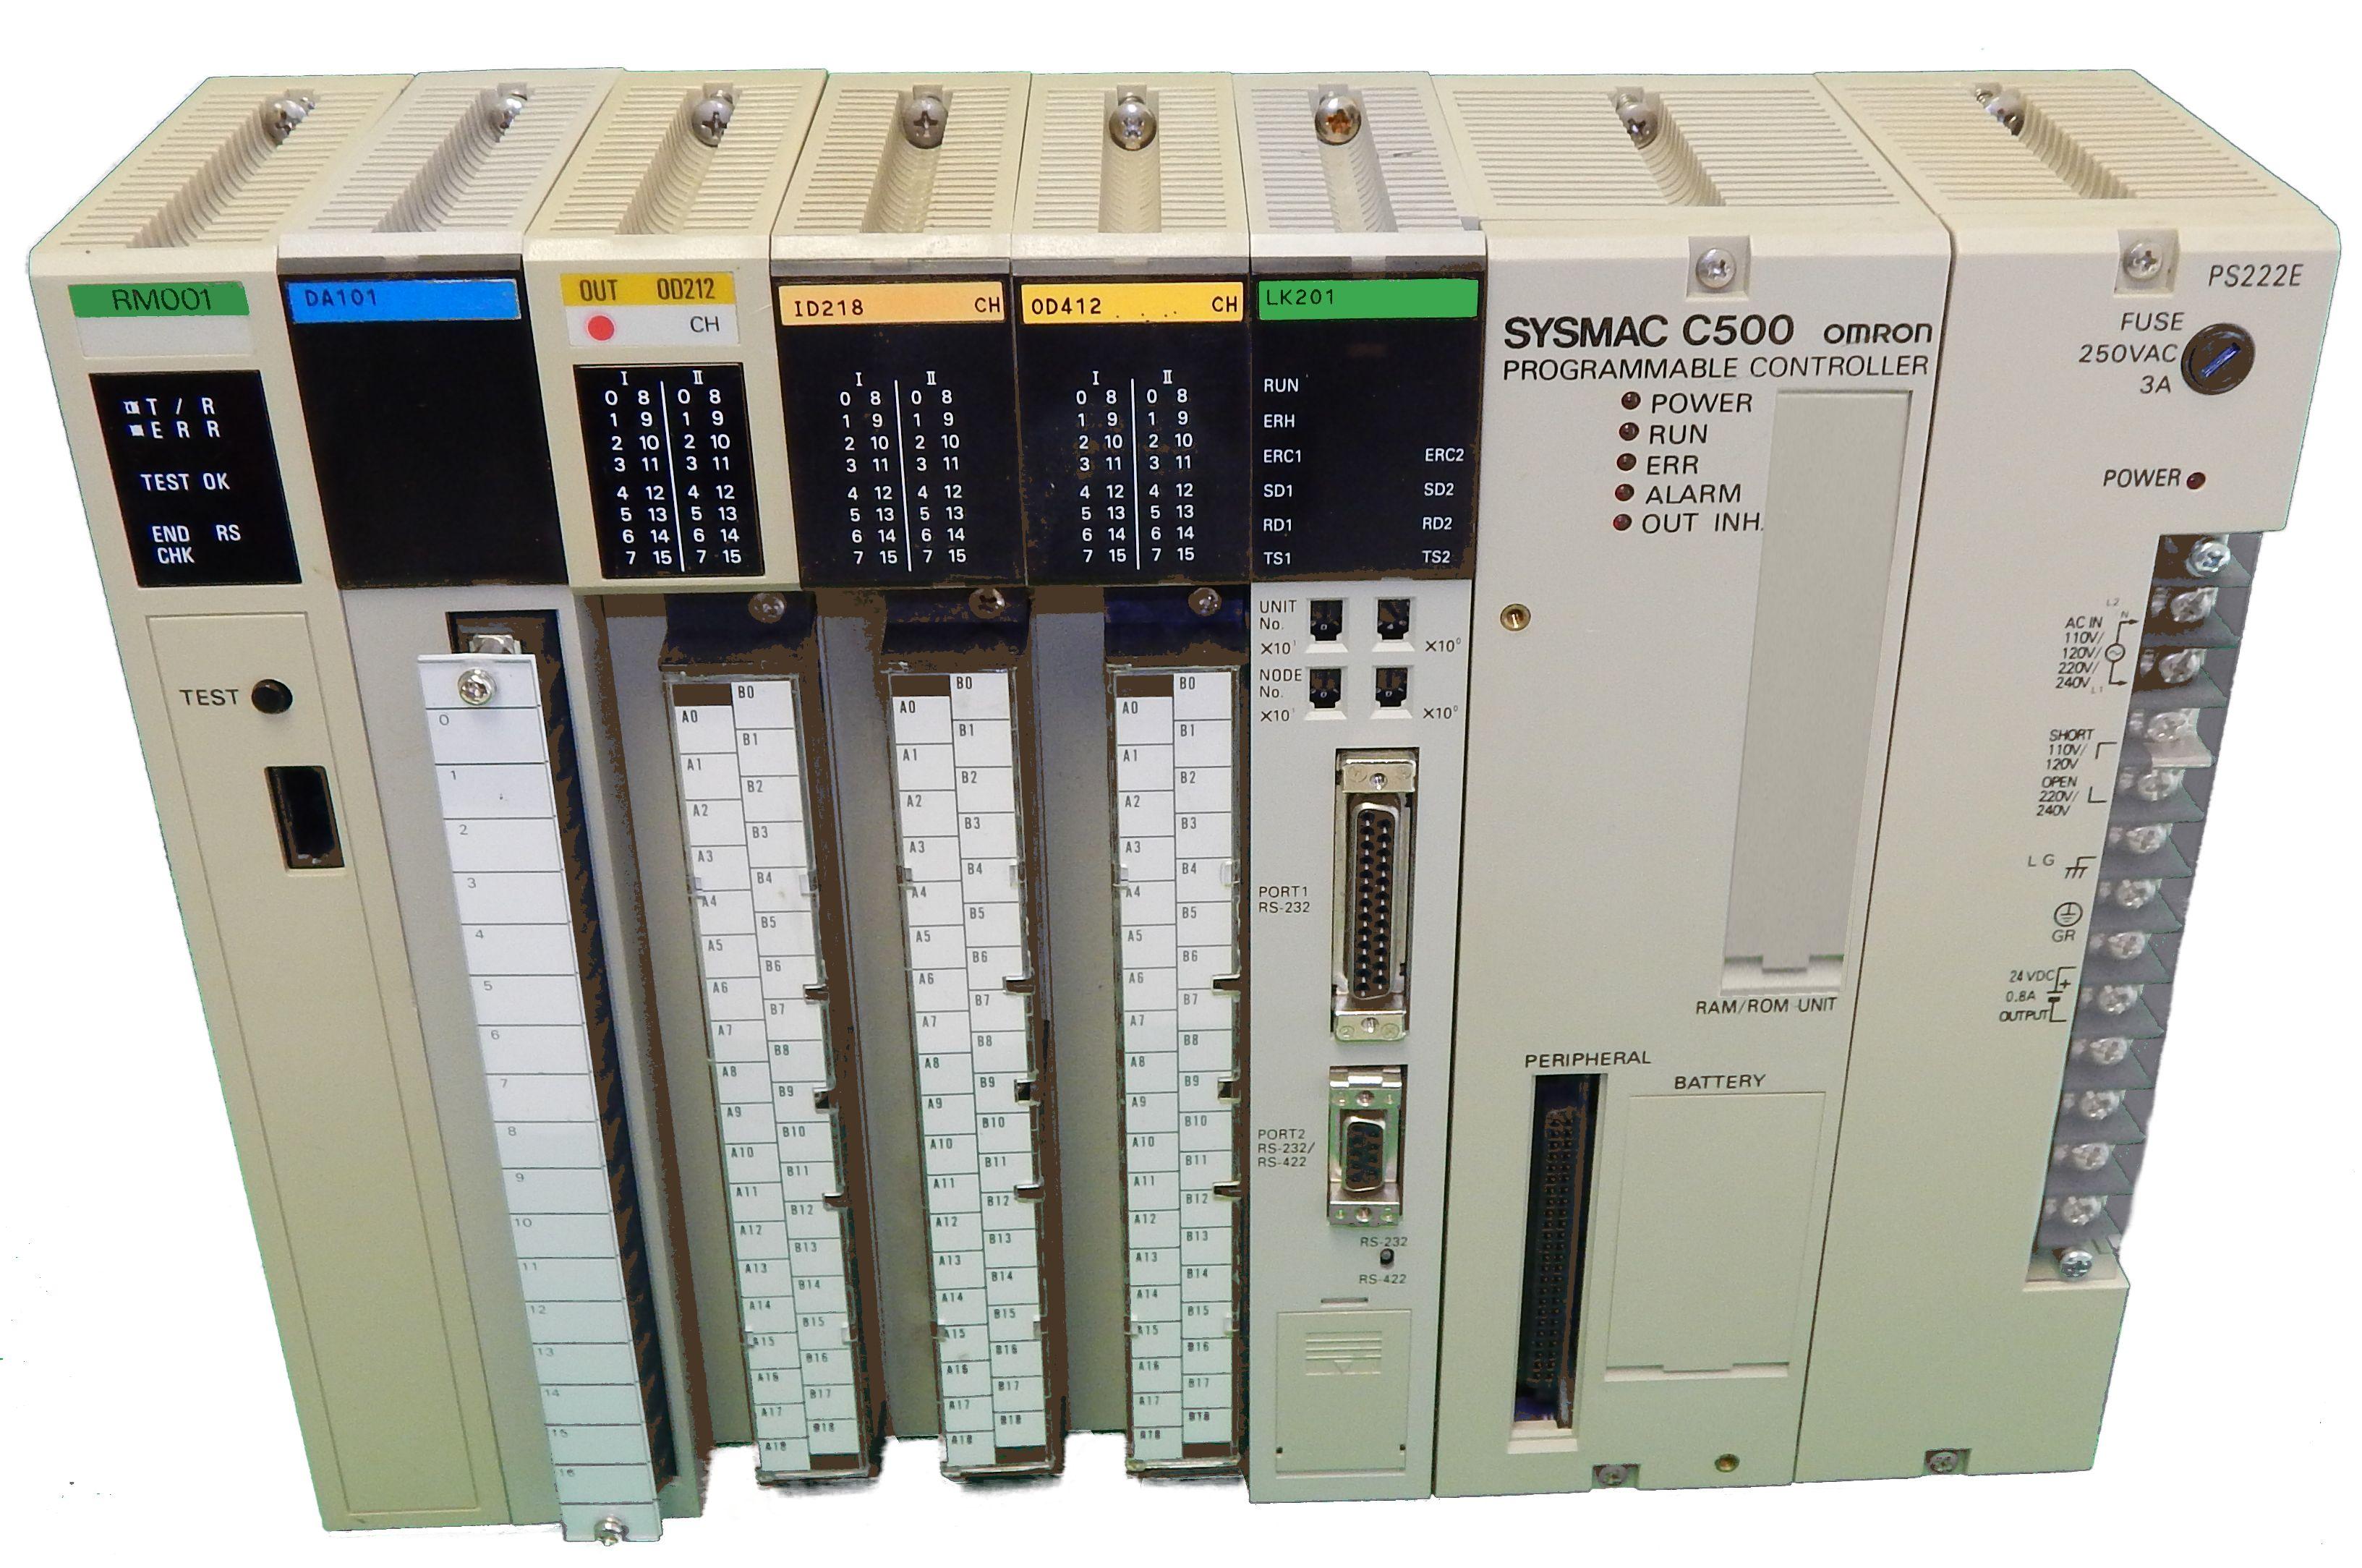 3G2A5-DA004